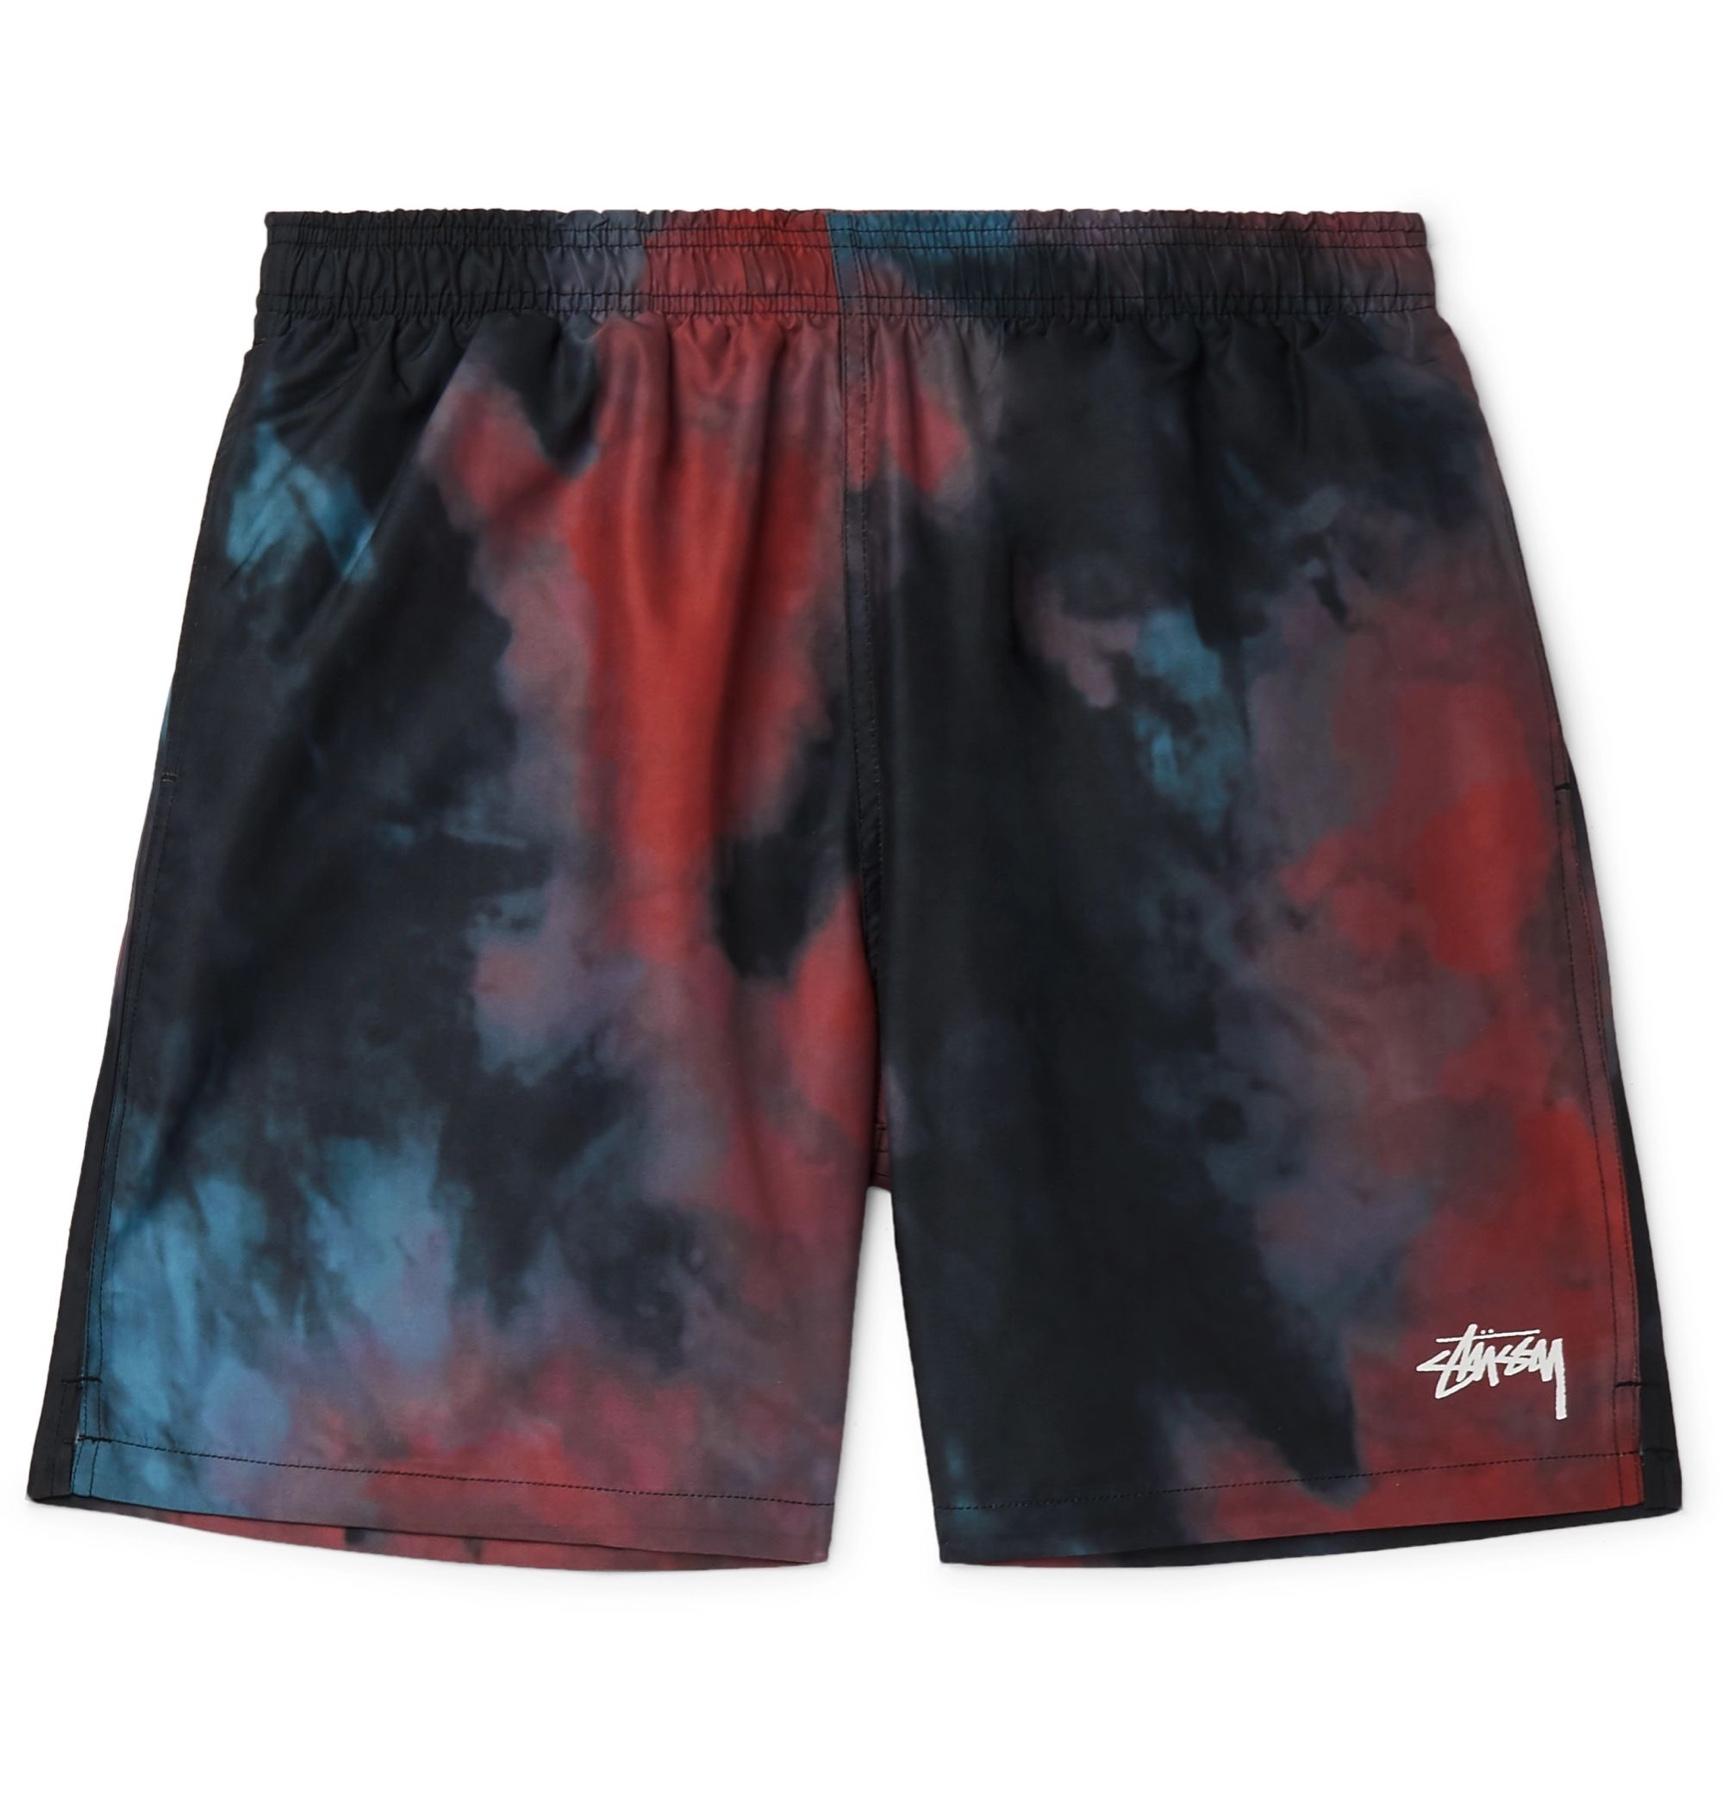 Costuma a pantaloncino Stussy Swim Trunk